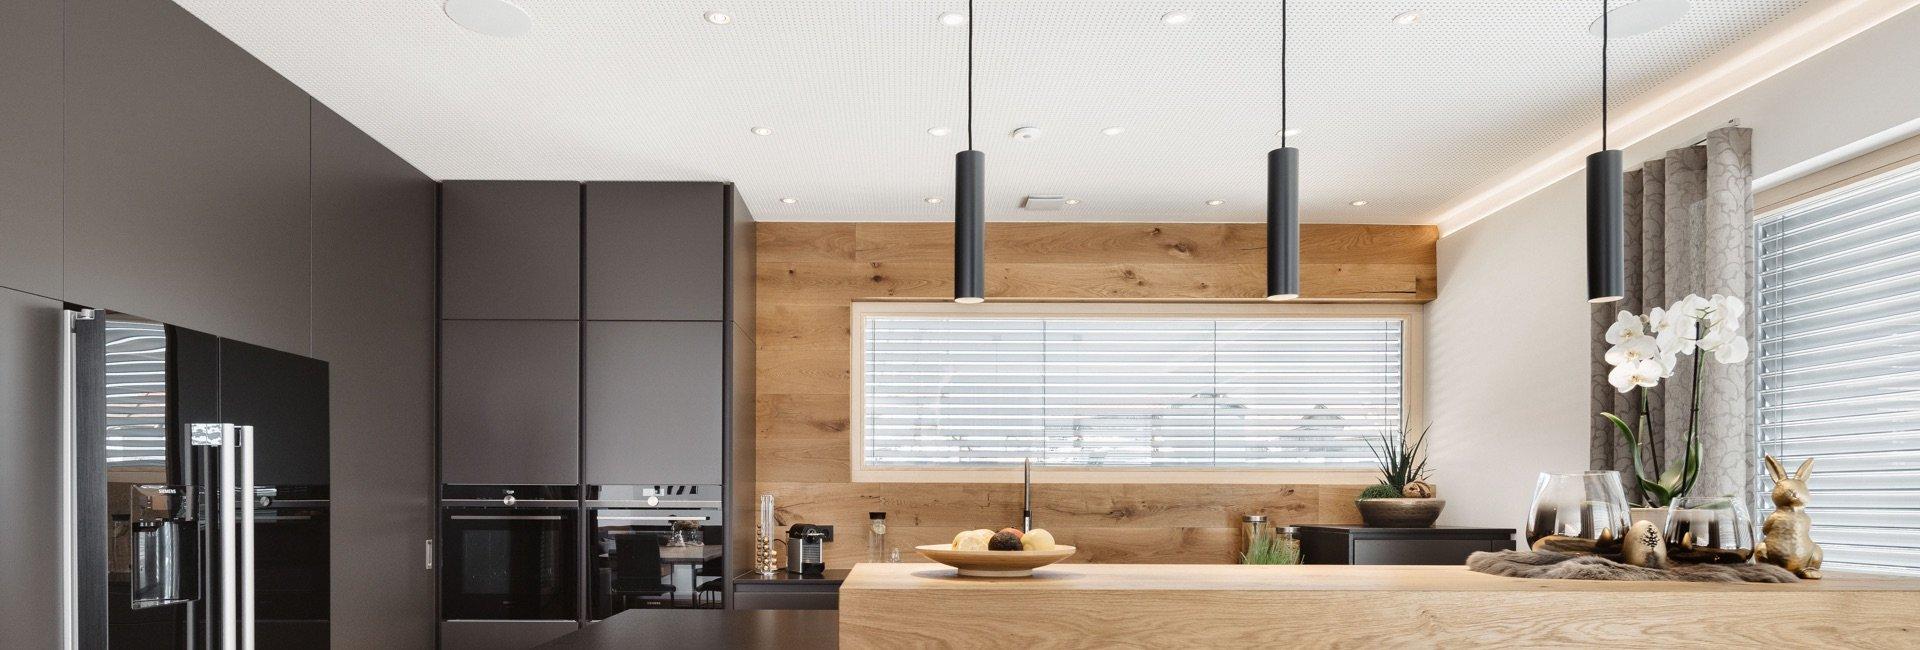 Full Size of Fenster Einbruchsicher Nachrüsten Zwangsbelüftung Sicherheitsbeschläge Einbruchschutz Wohnzimmer Küchentheke Nachrüsten